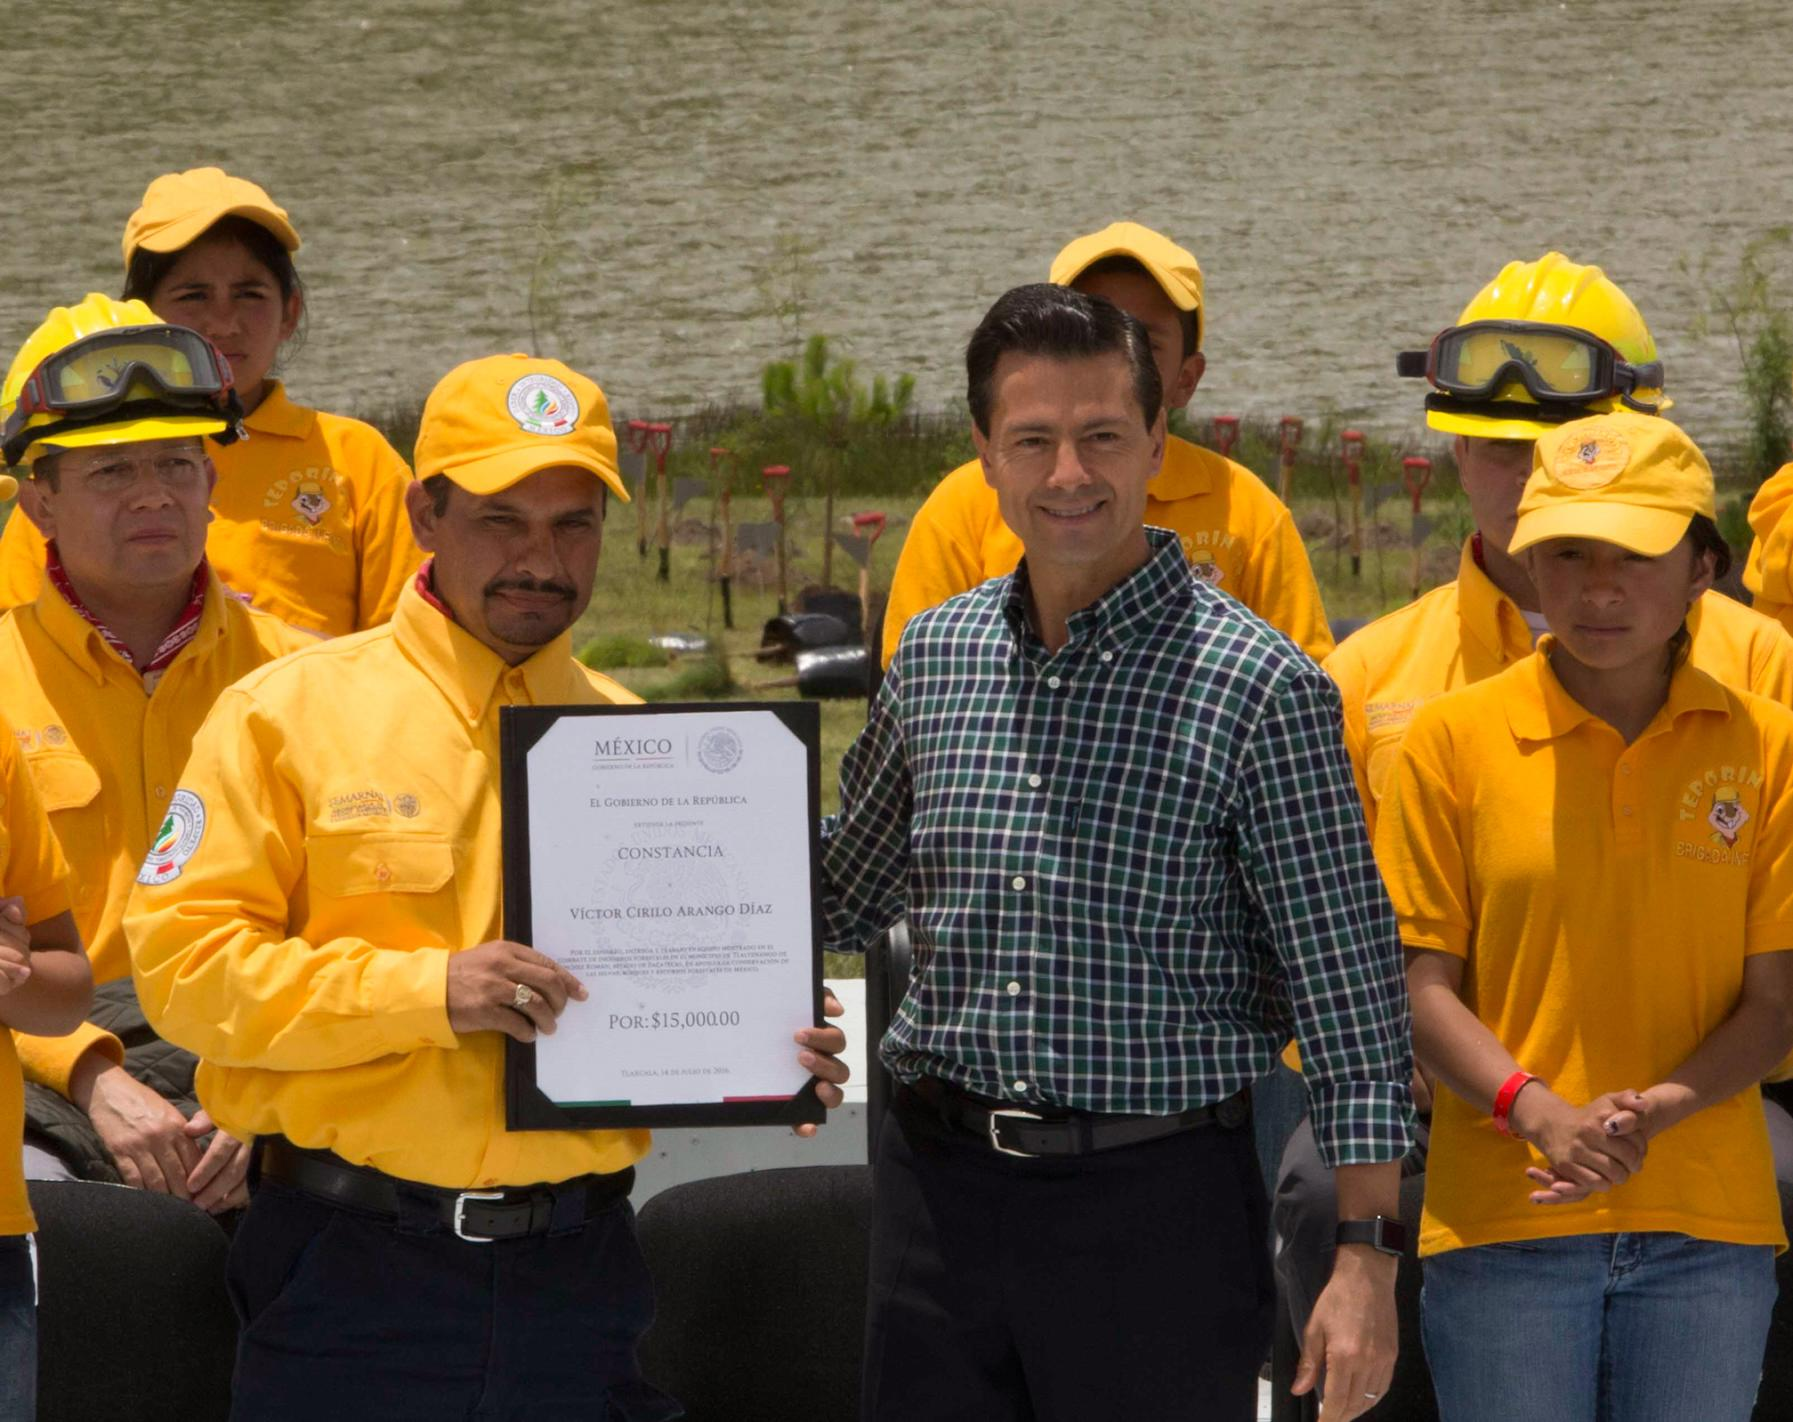 El Primer Mandatario entregó el Premio Nacional al Mérito Forestal en nueve categorías y reconocimientos a combatientes de incendios forestales y a técnicos especializados en manejo del fuego.